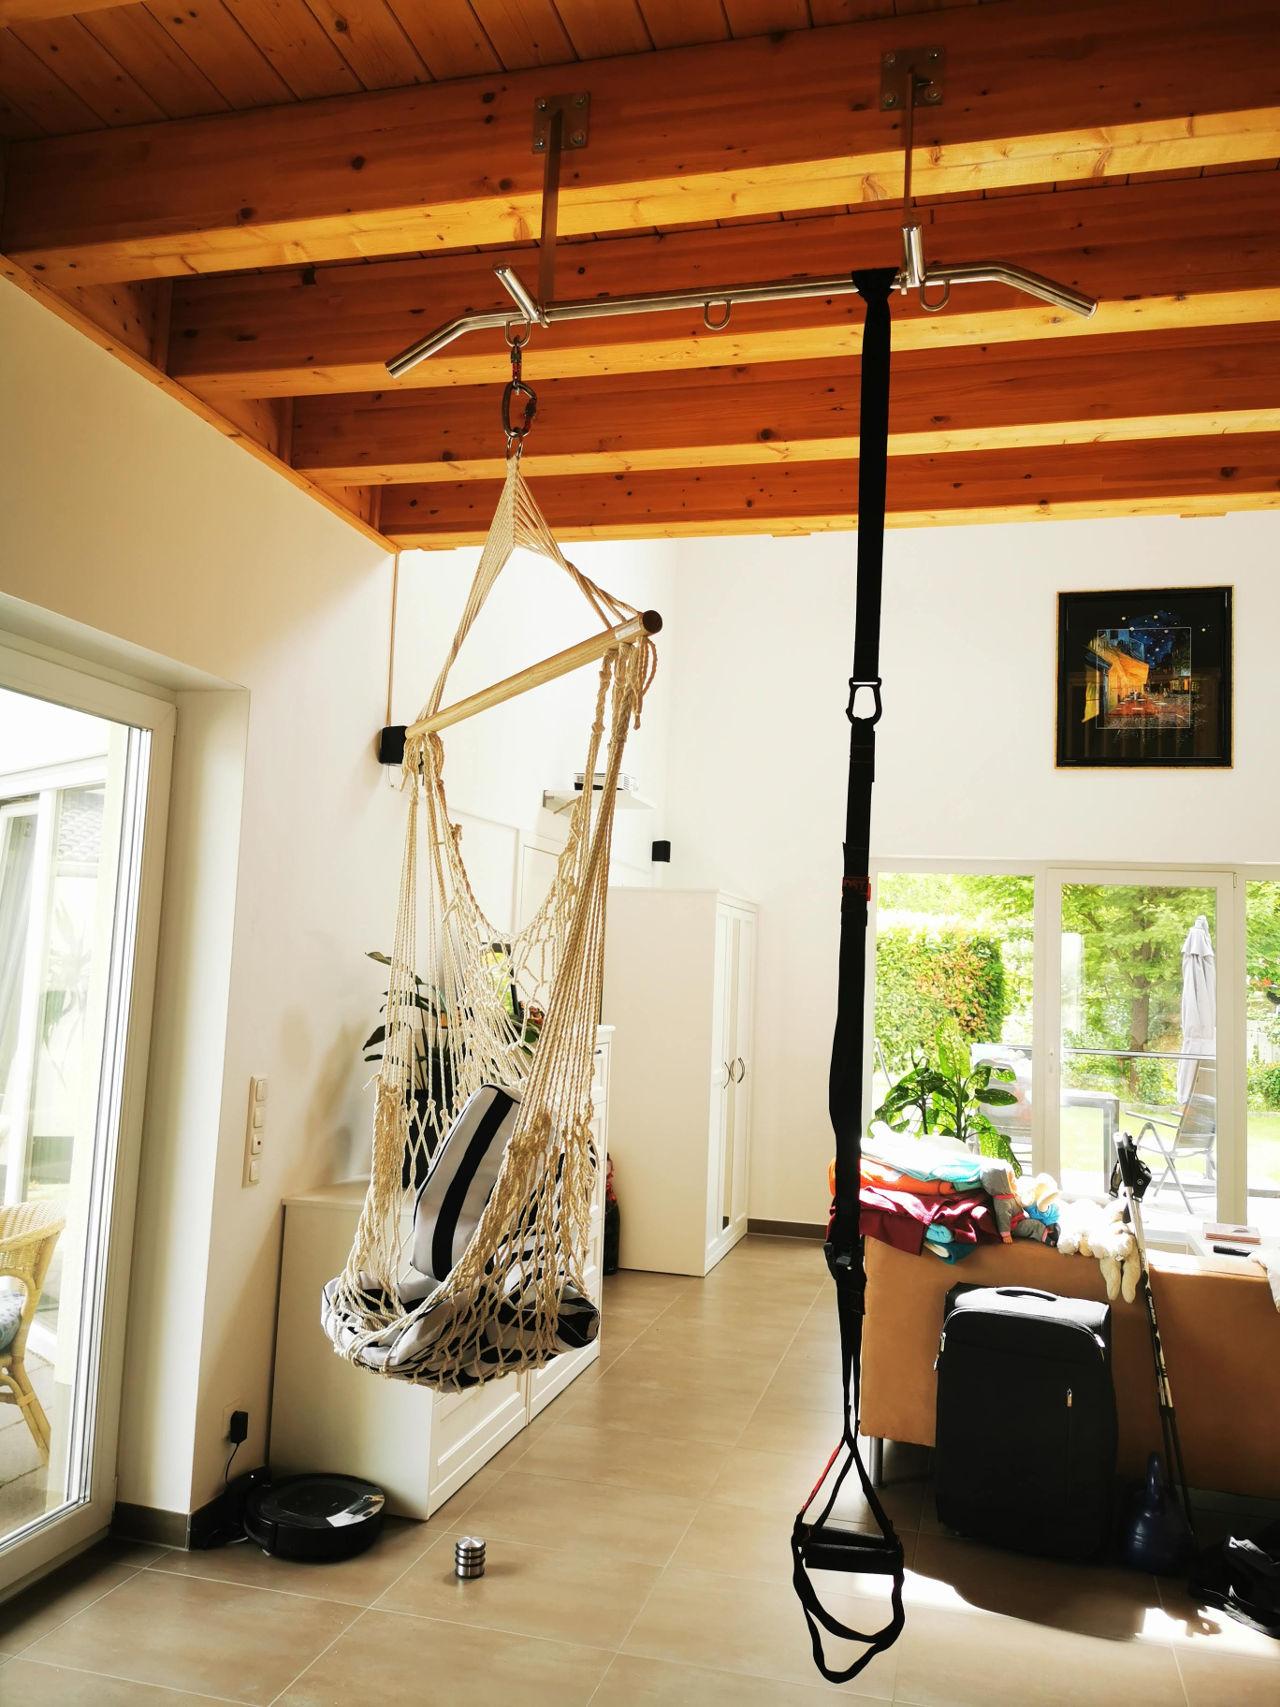 klimmzugstange_sling_trainer_wohnzimmer